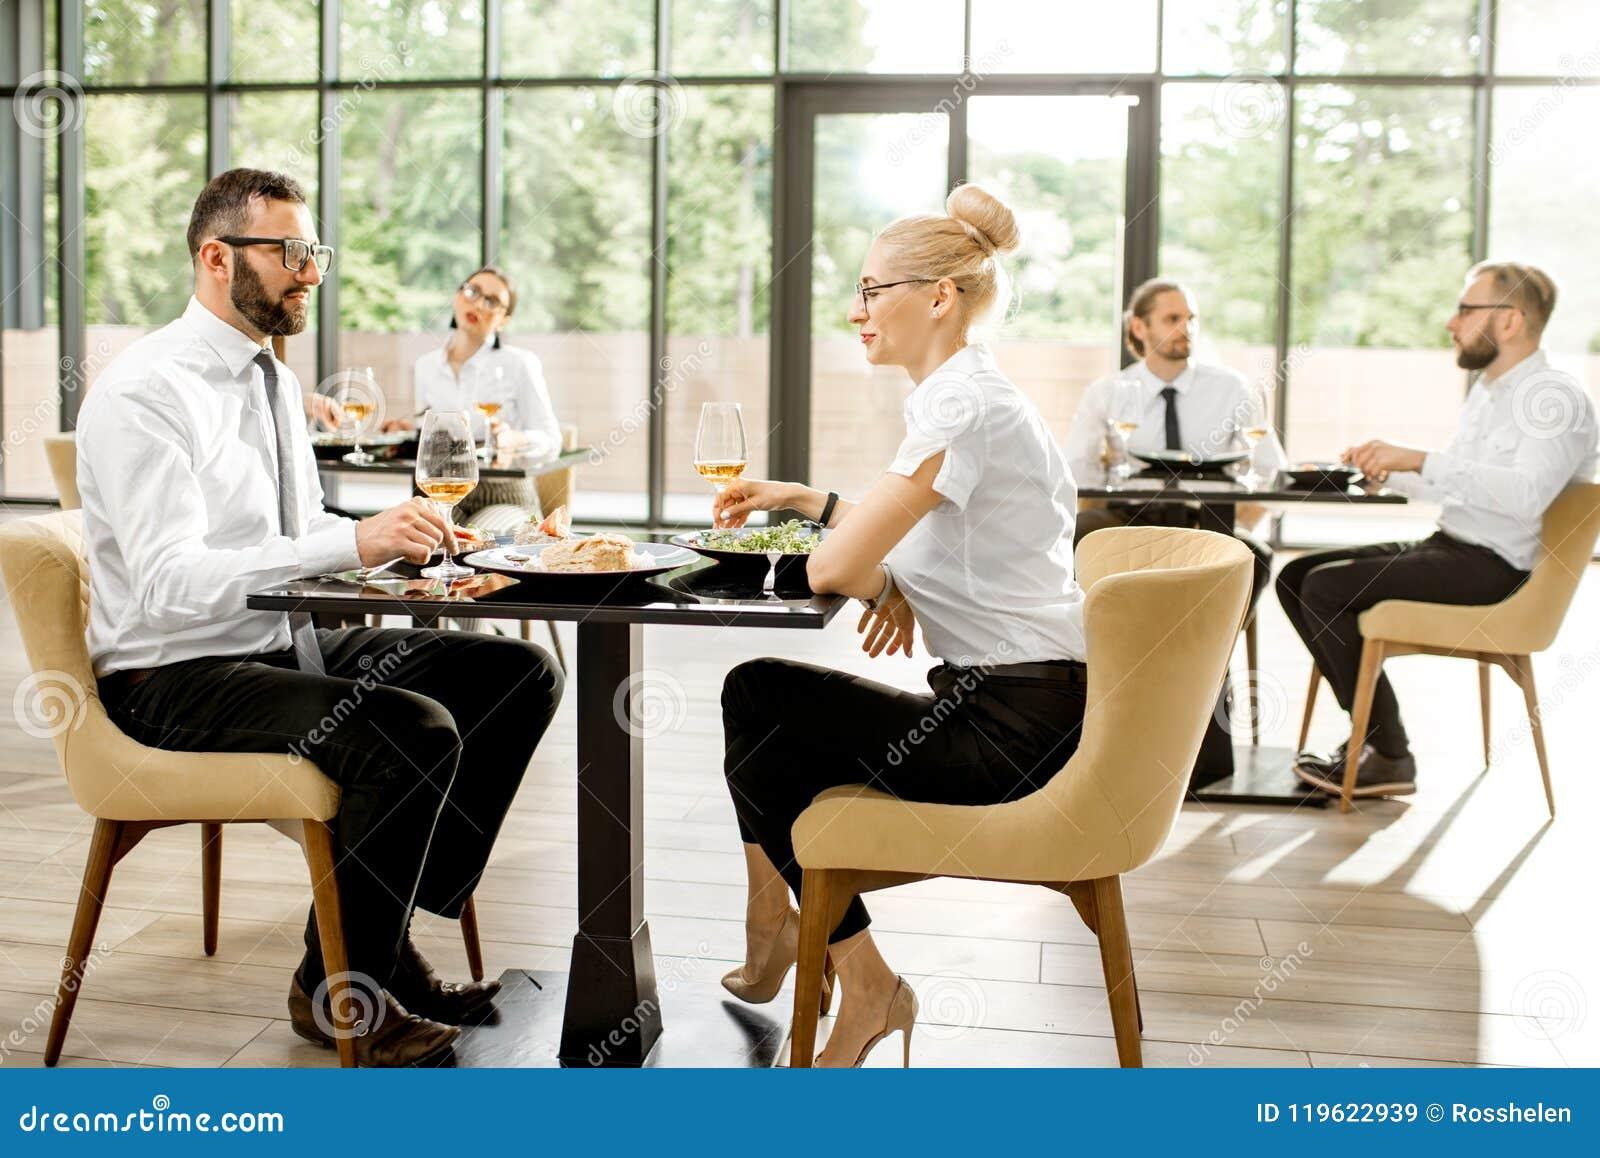 Gens d affaires pendant un déjeuner au restaurant